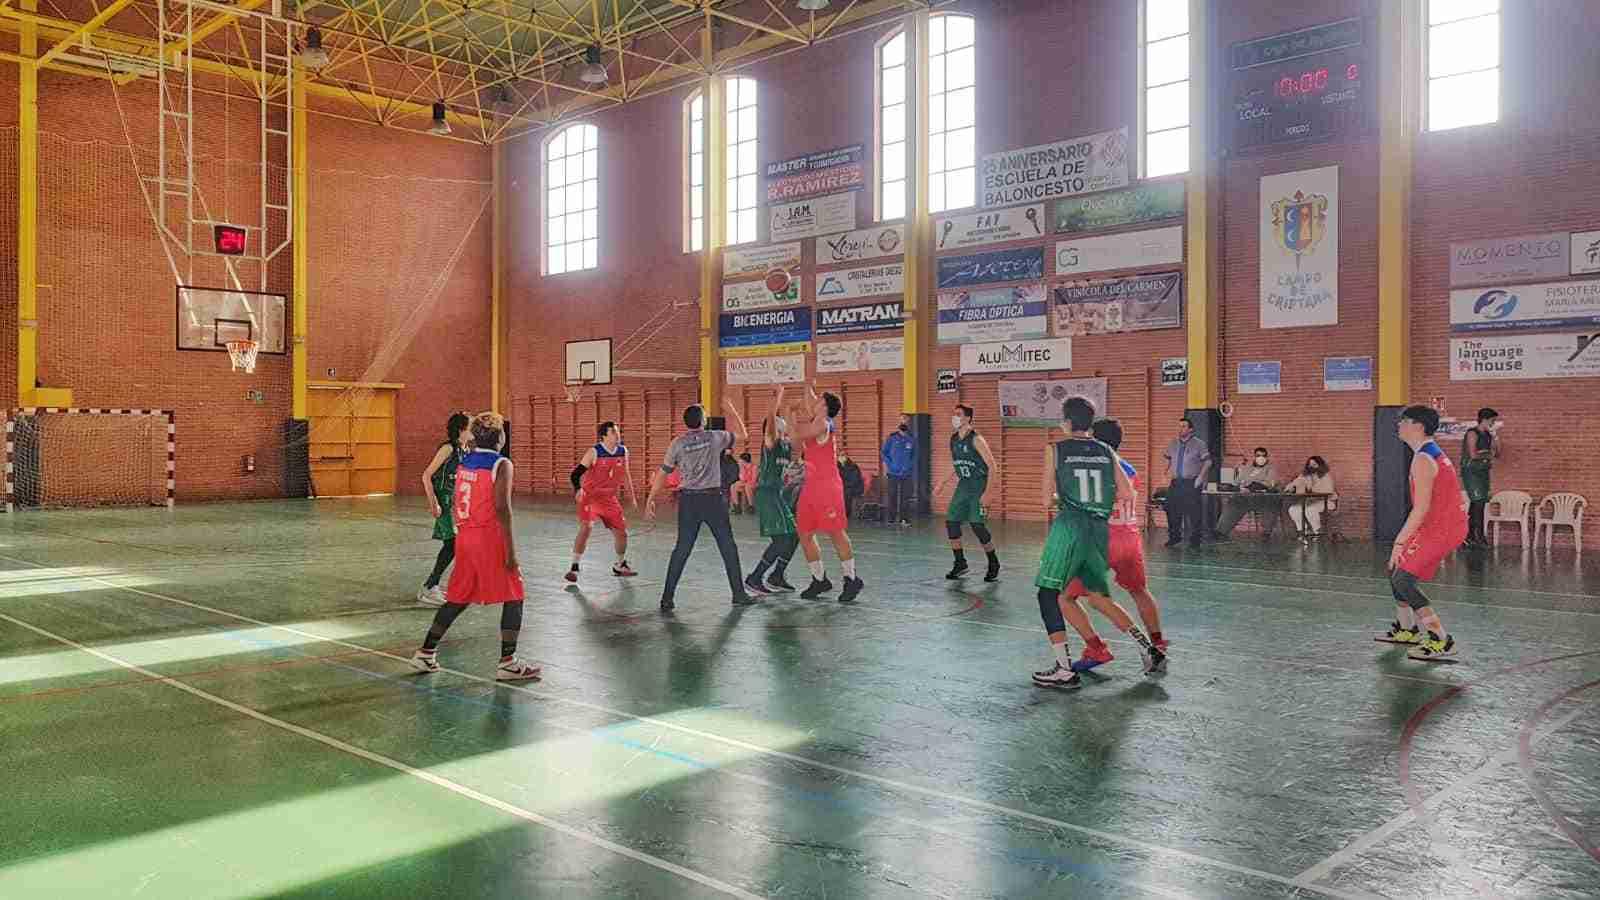 Crónicas baloncesto Criptana último fin de semana de febrero 58